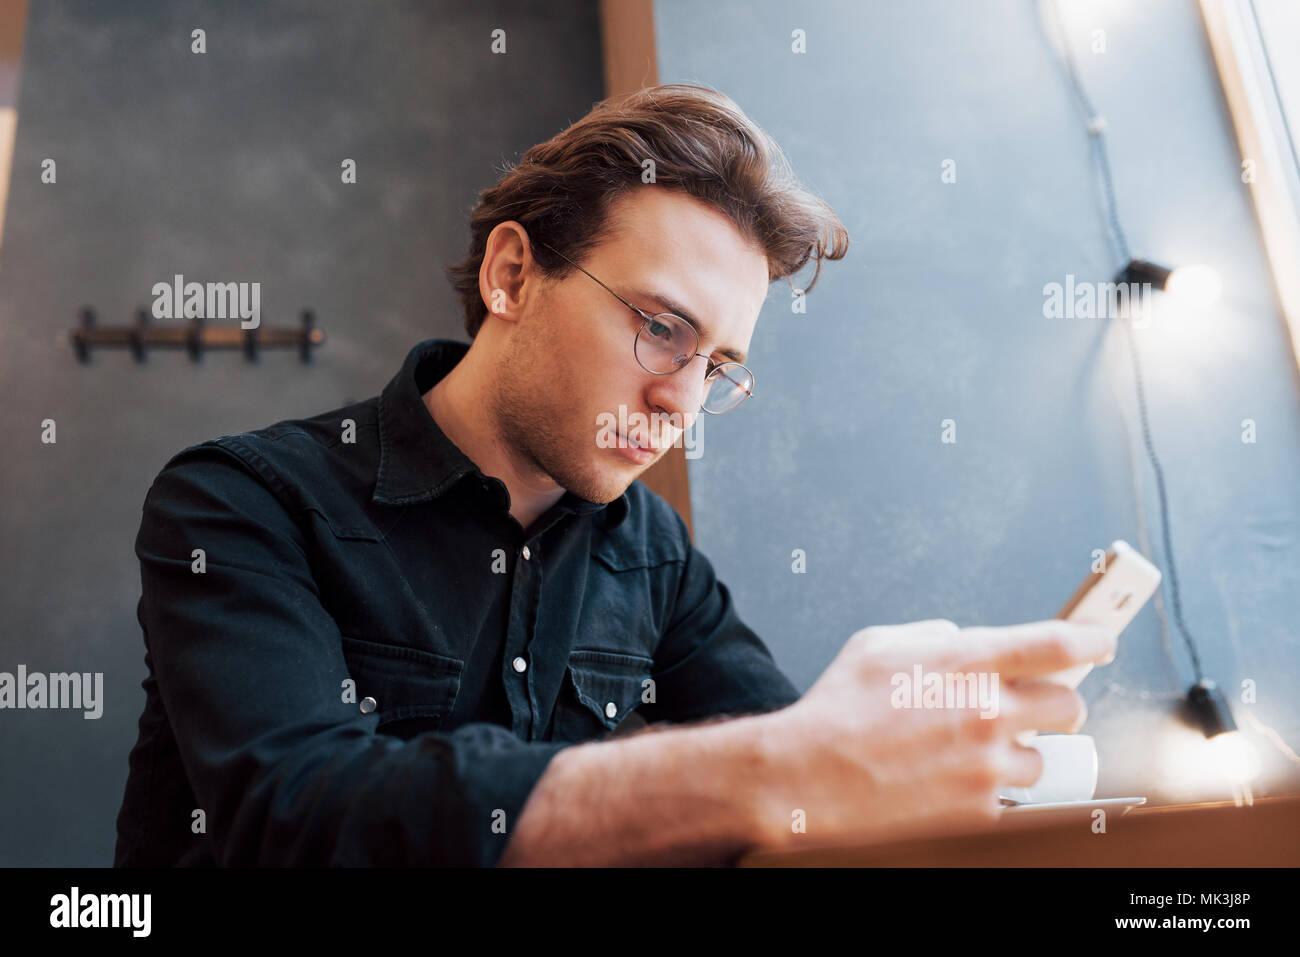 In der Nähe von Mann erhielt gute Nachrichten auf Smart Phone, Mann im Cafe ausruhen und texting neue E-Mails, unscharfen Hintergrund, flacher DOF Stockfoto